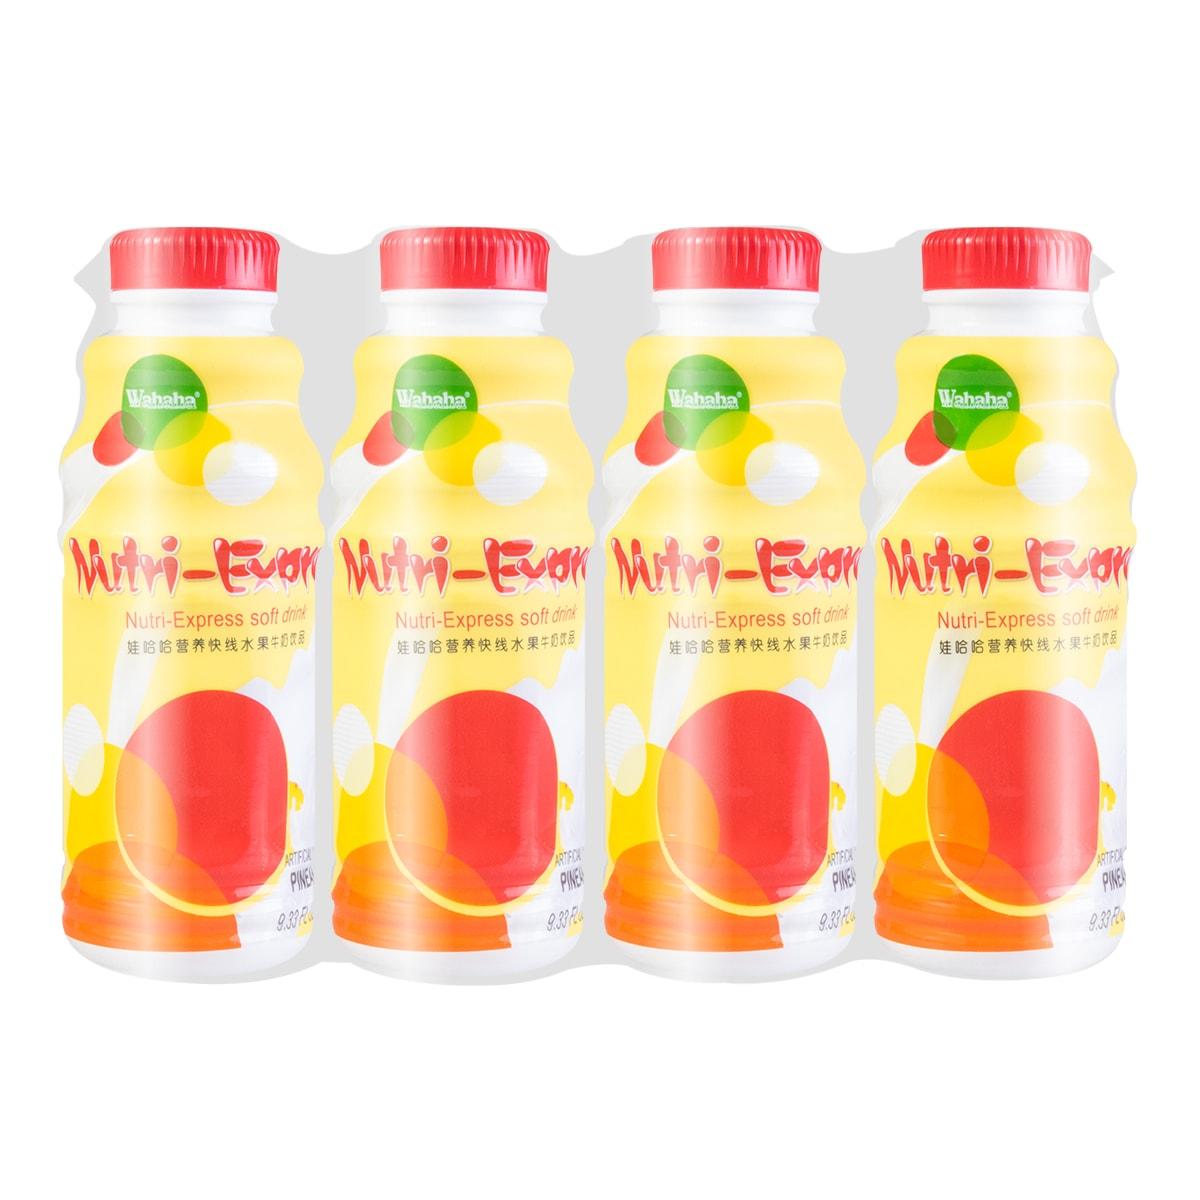 娃哈哈 营养快线 水果牛奶饮品 菠萝味 4*280ml